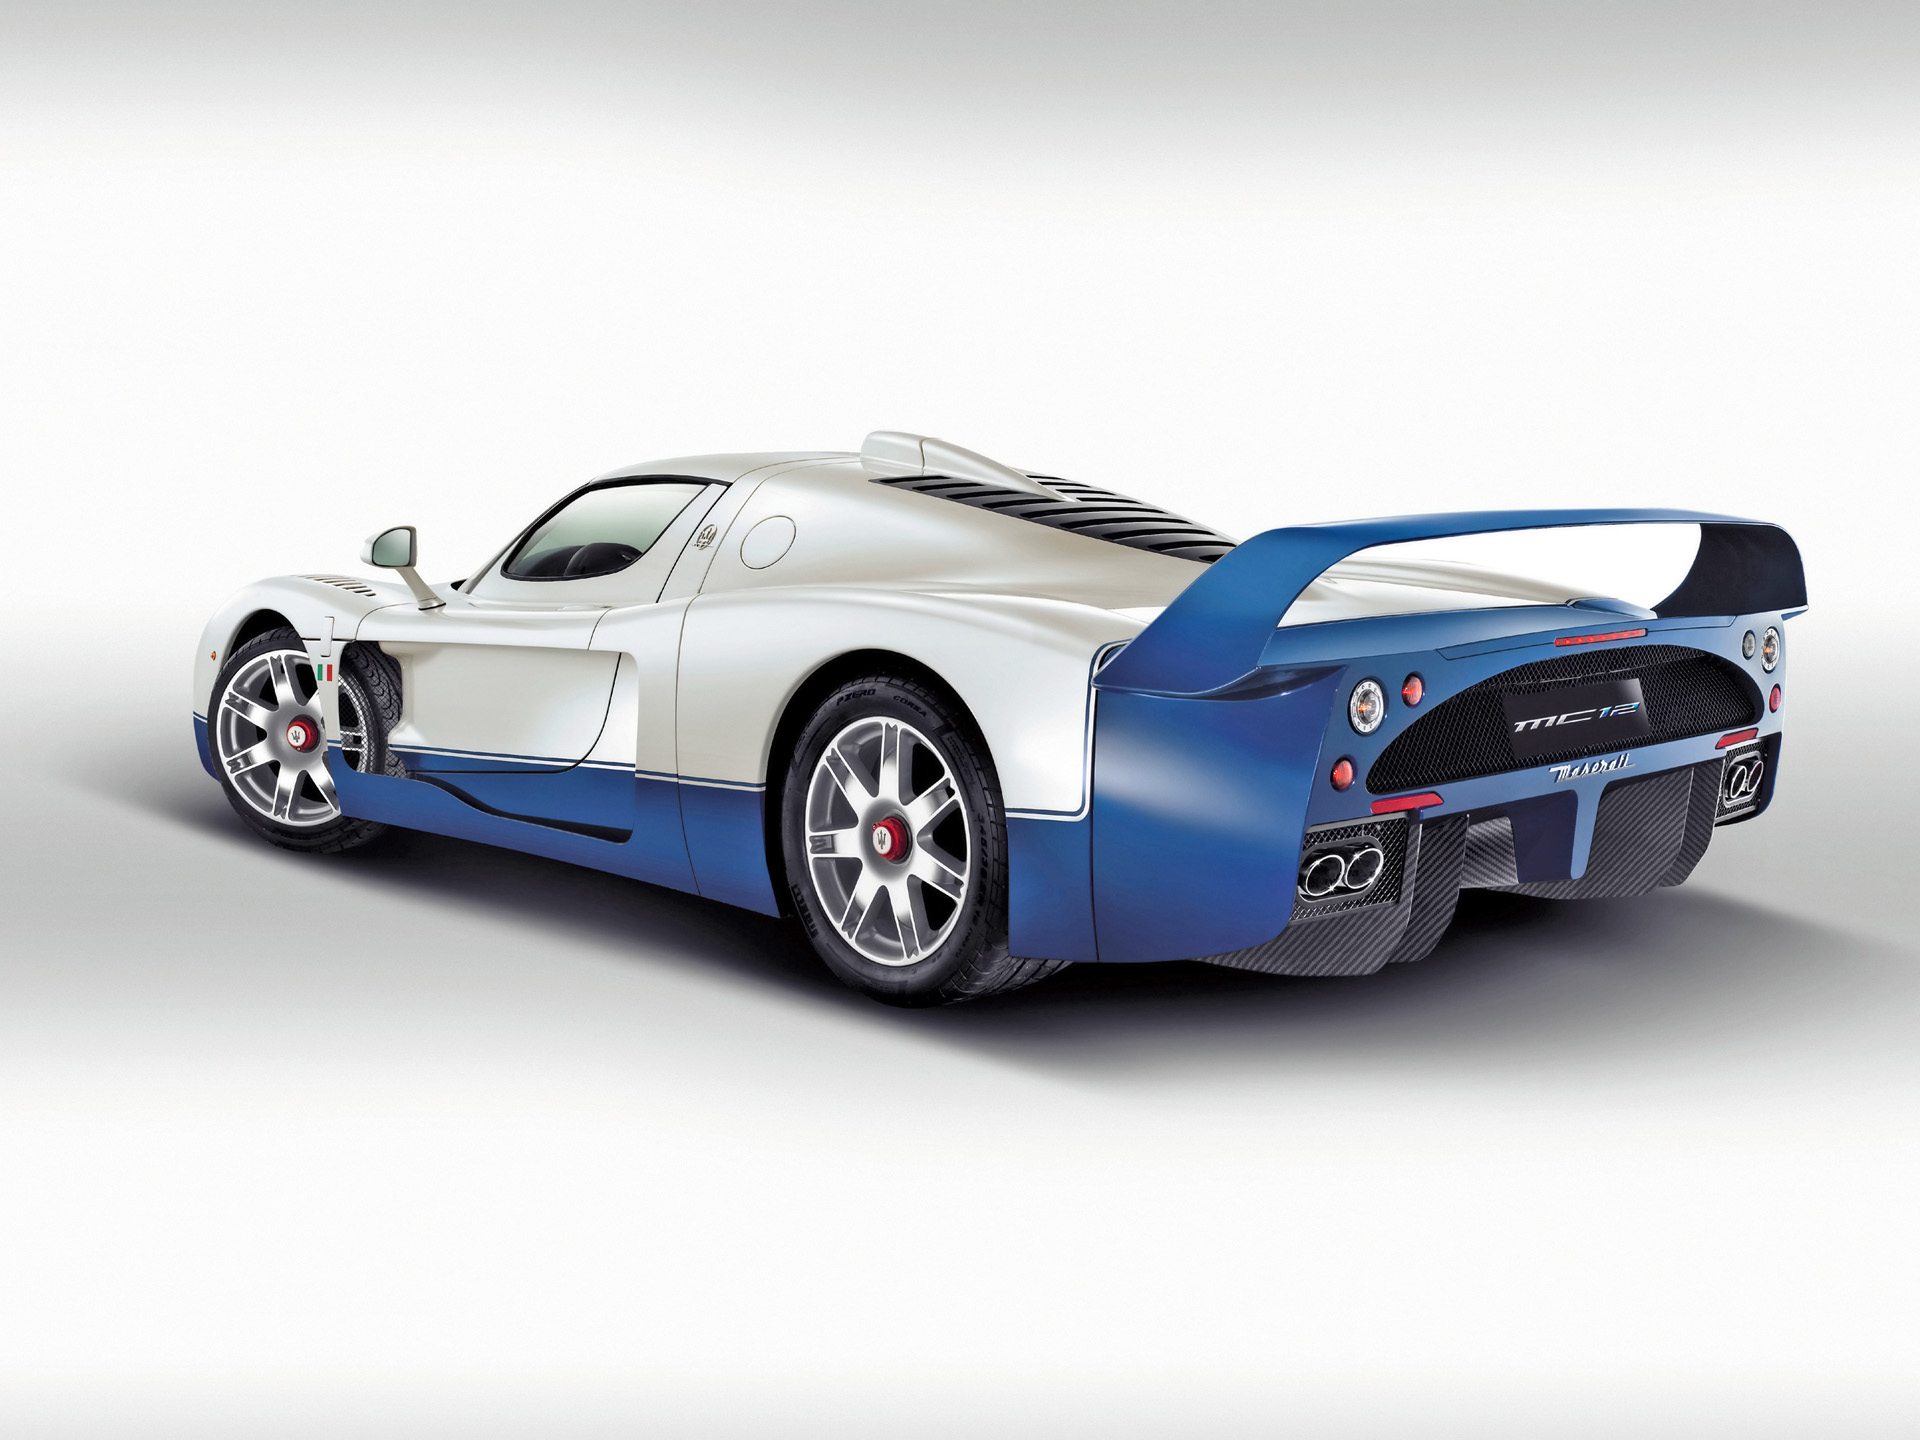 ماشین اسپورت آبی و سفید